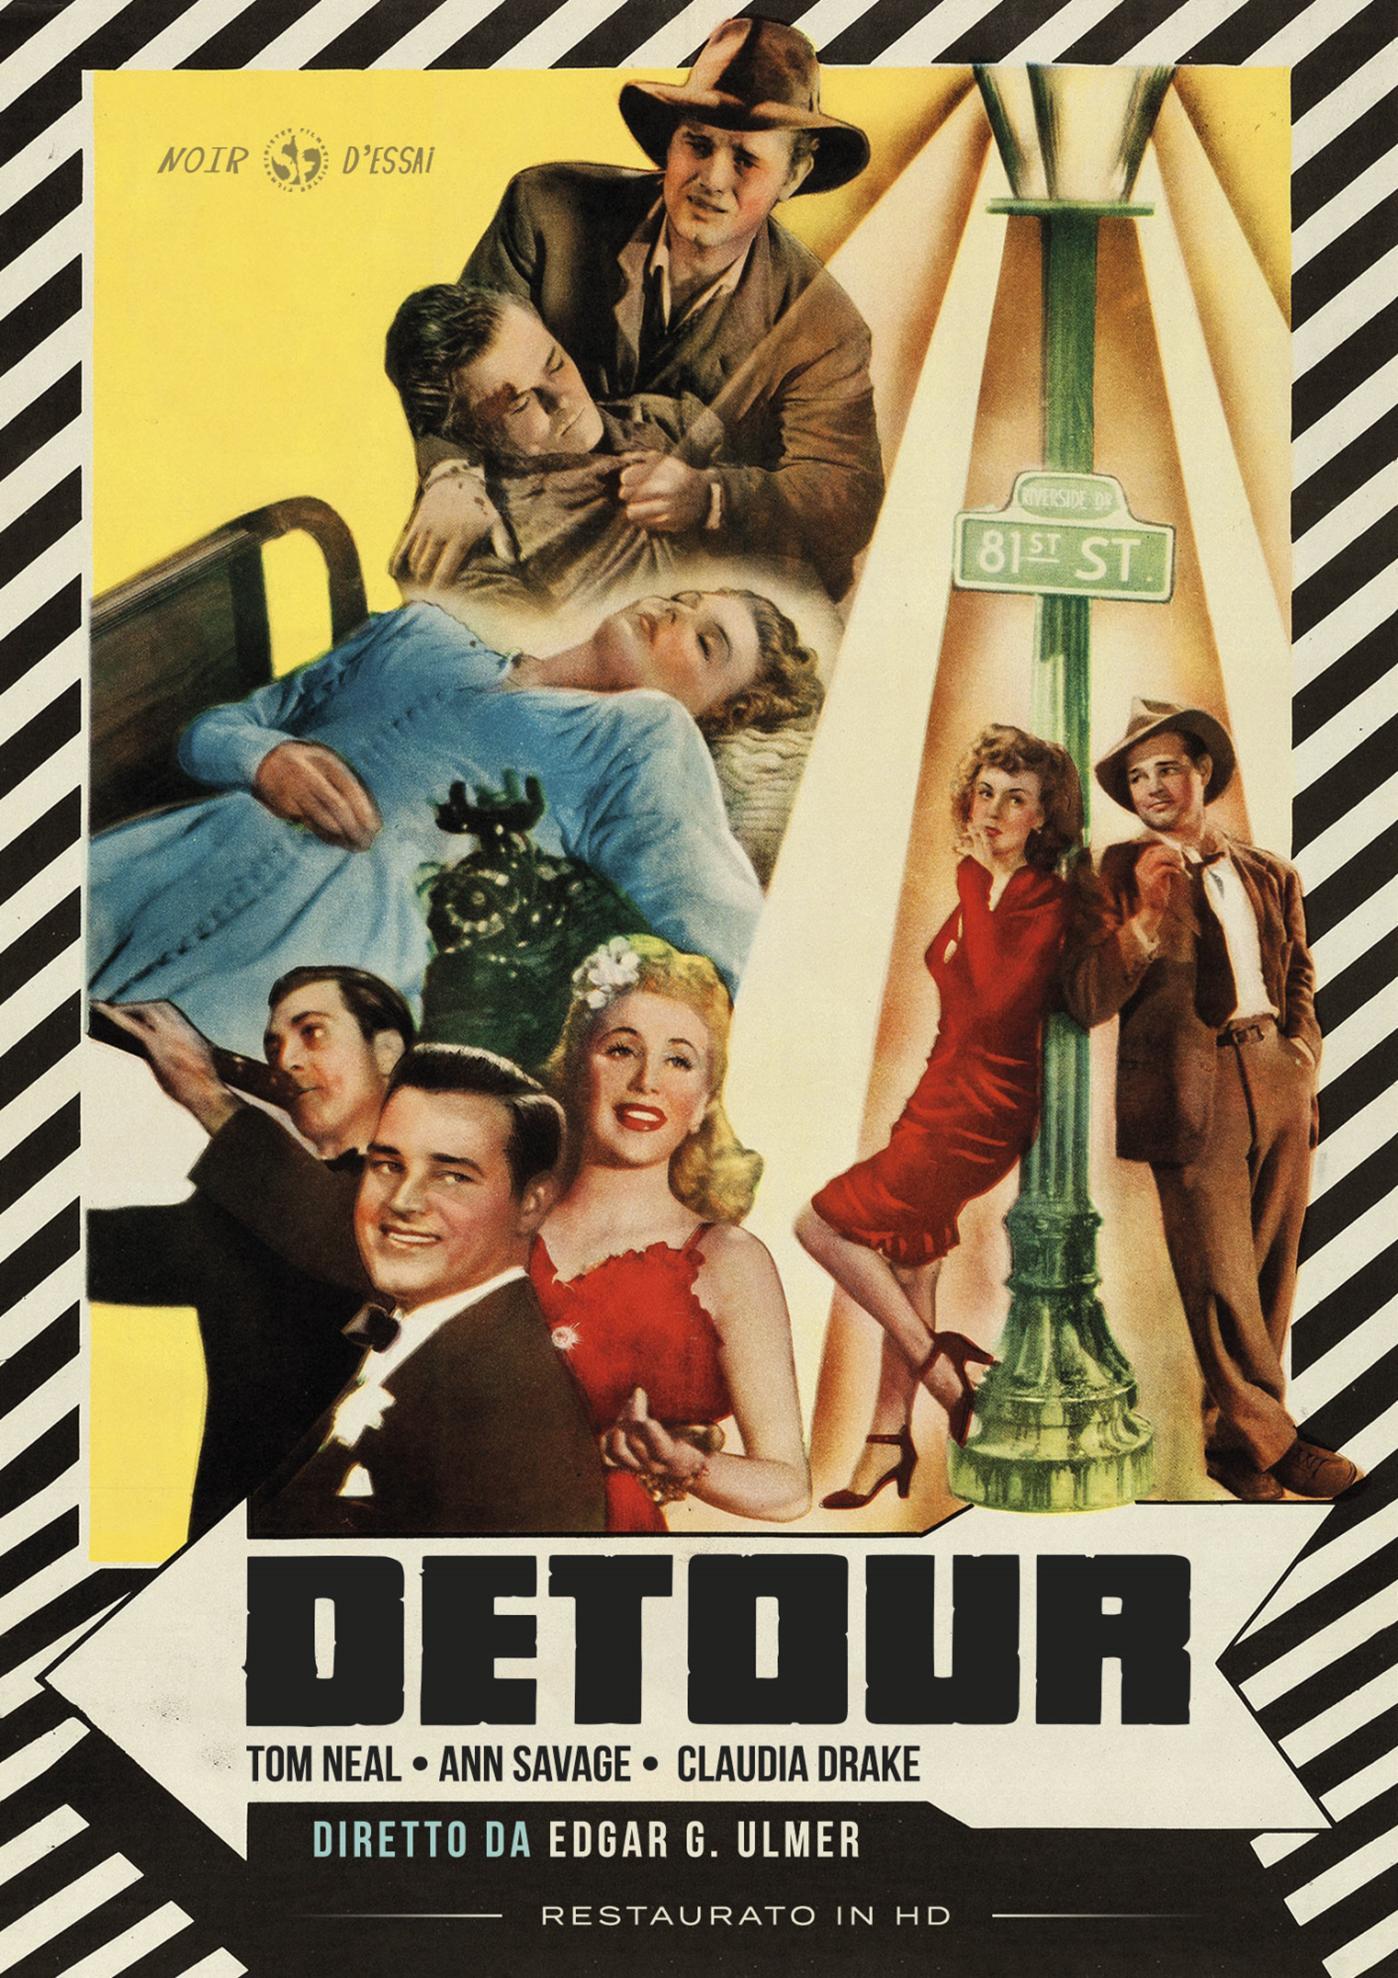 DETOUR (NUOVA EDIZIONE RESTAURATA IN HD) (DVD)